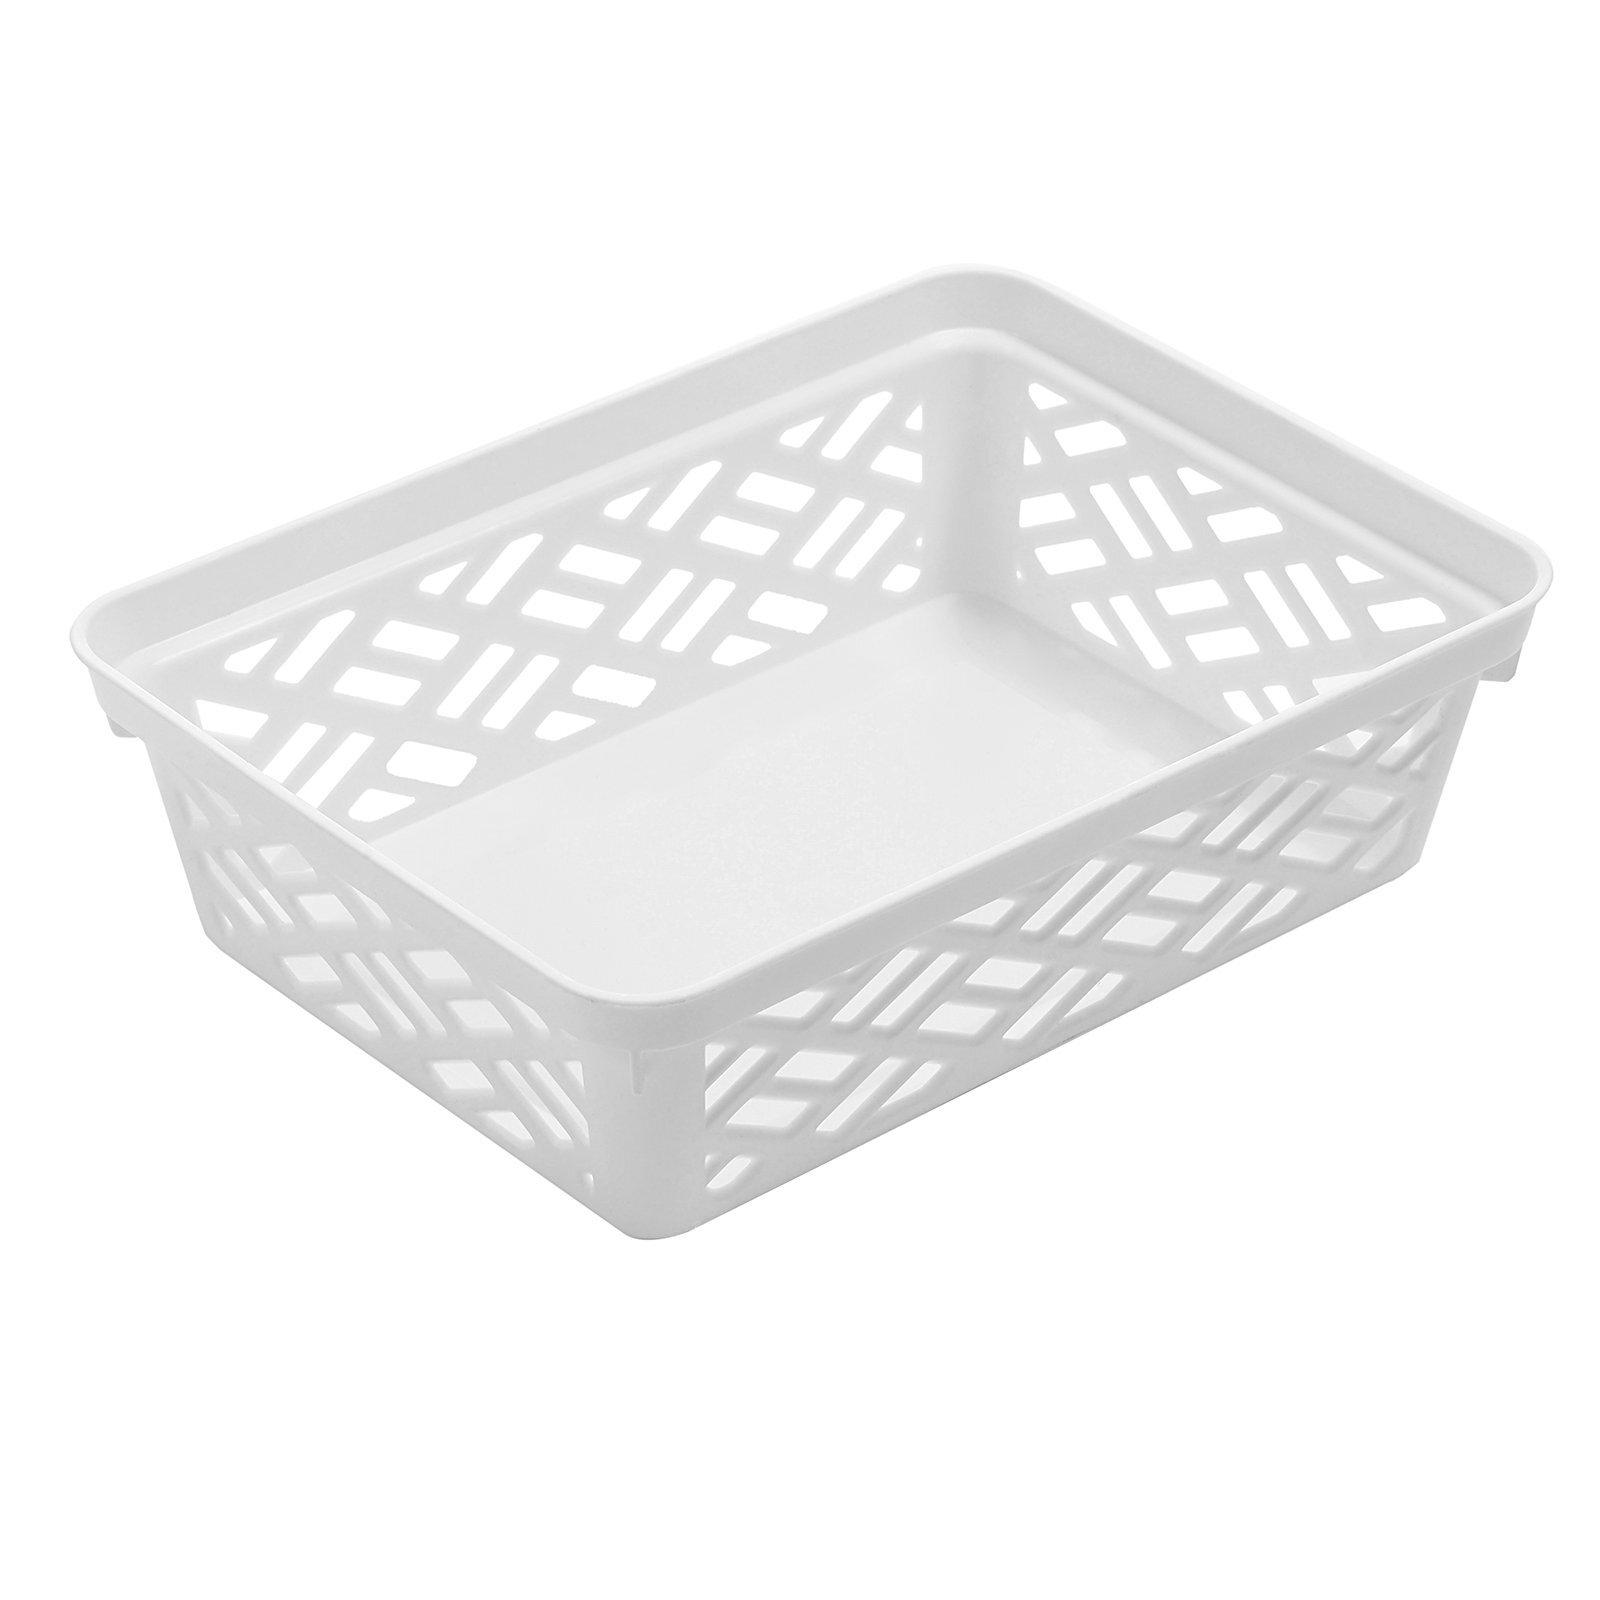 Ezy Storage Small Brickor Tray